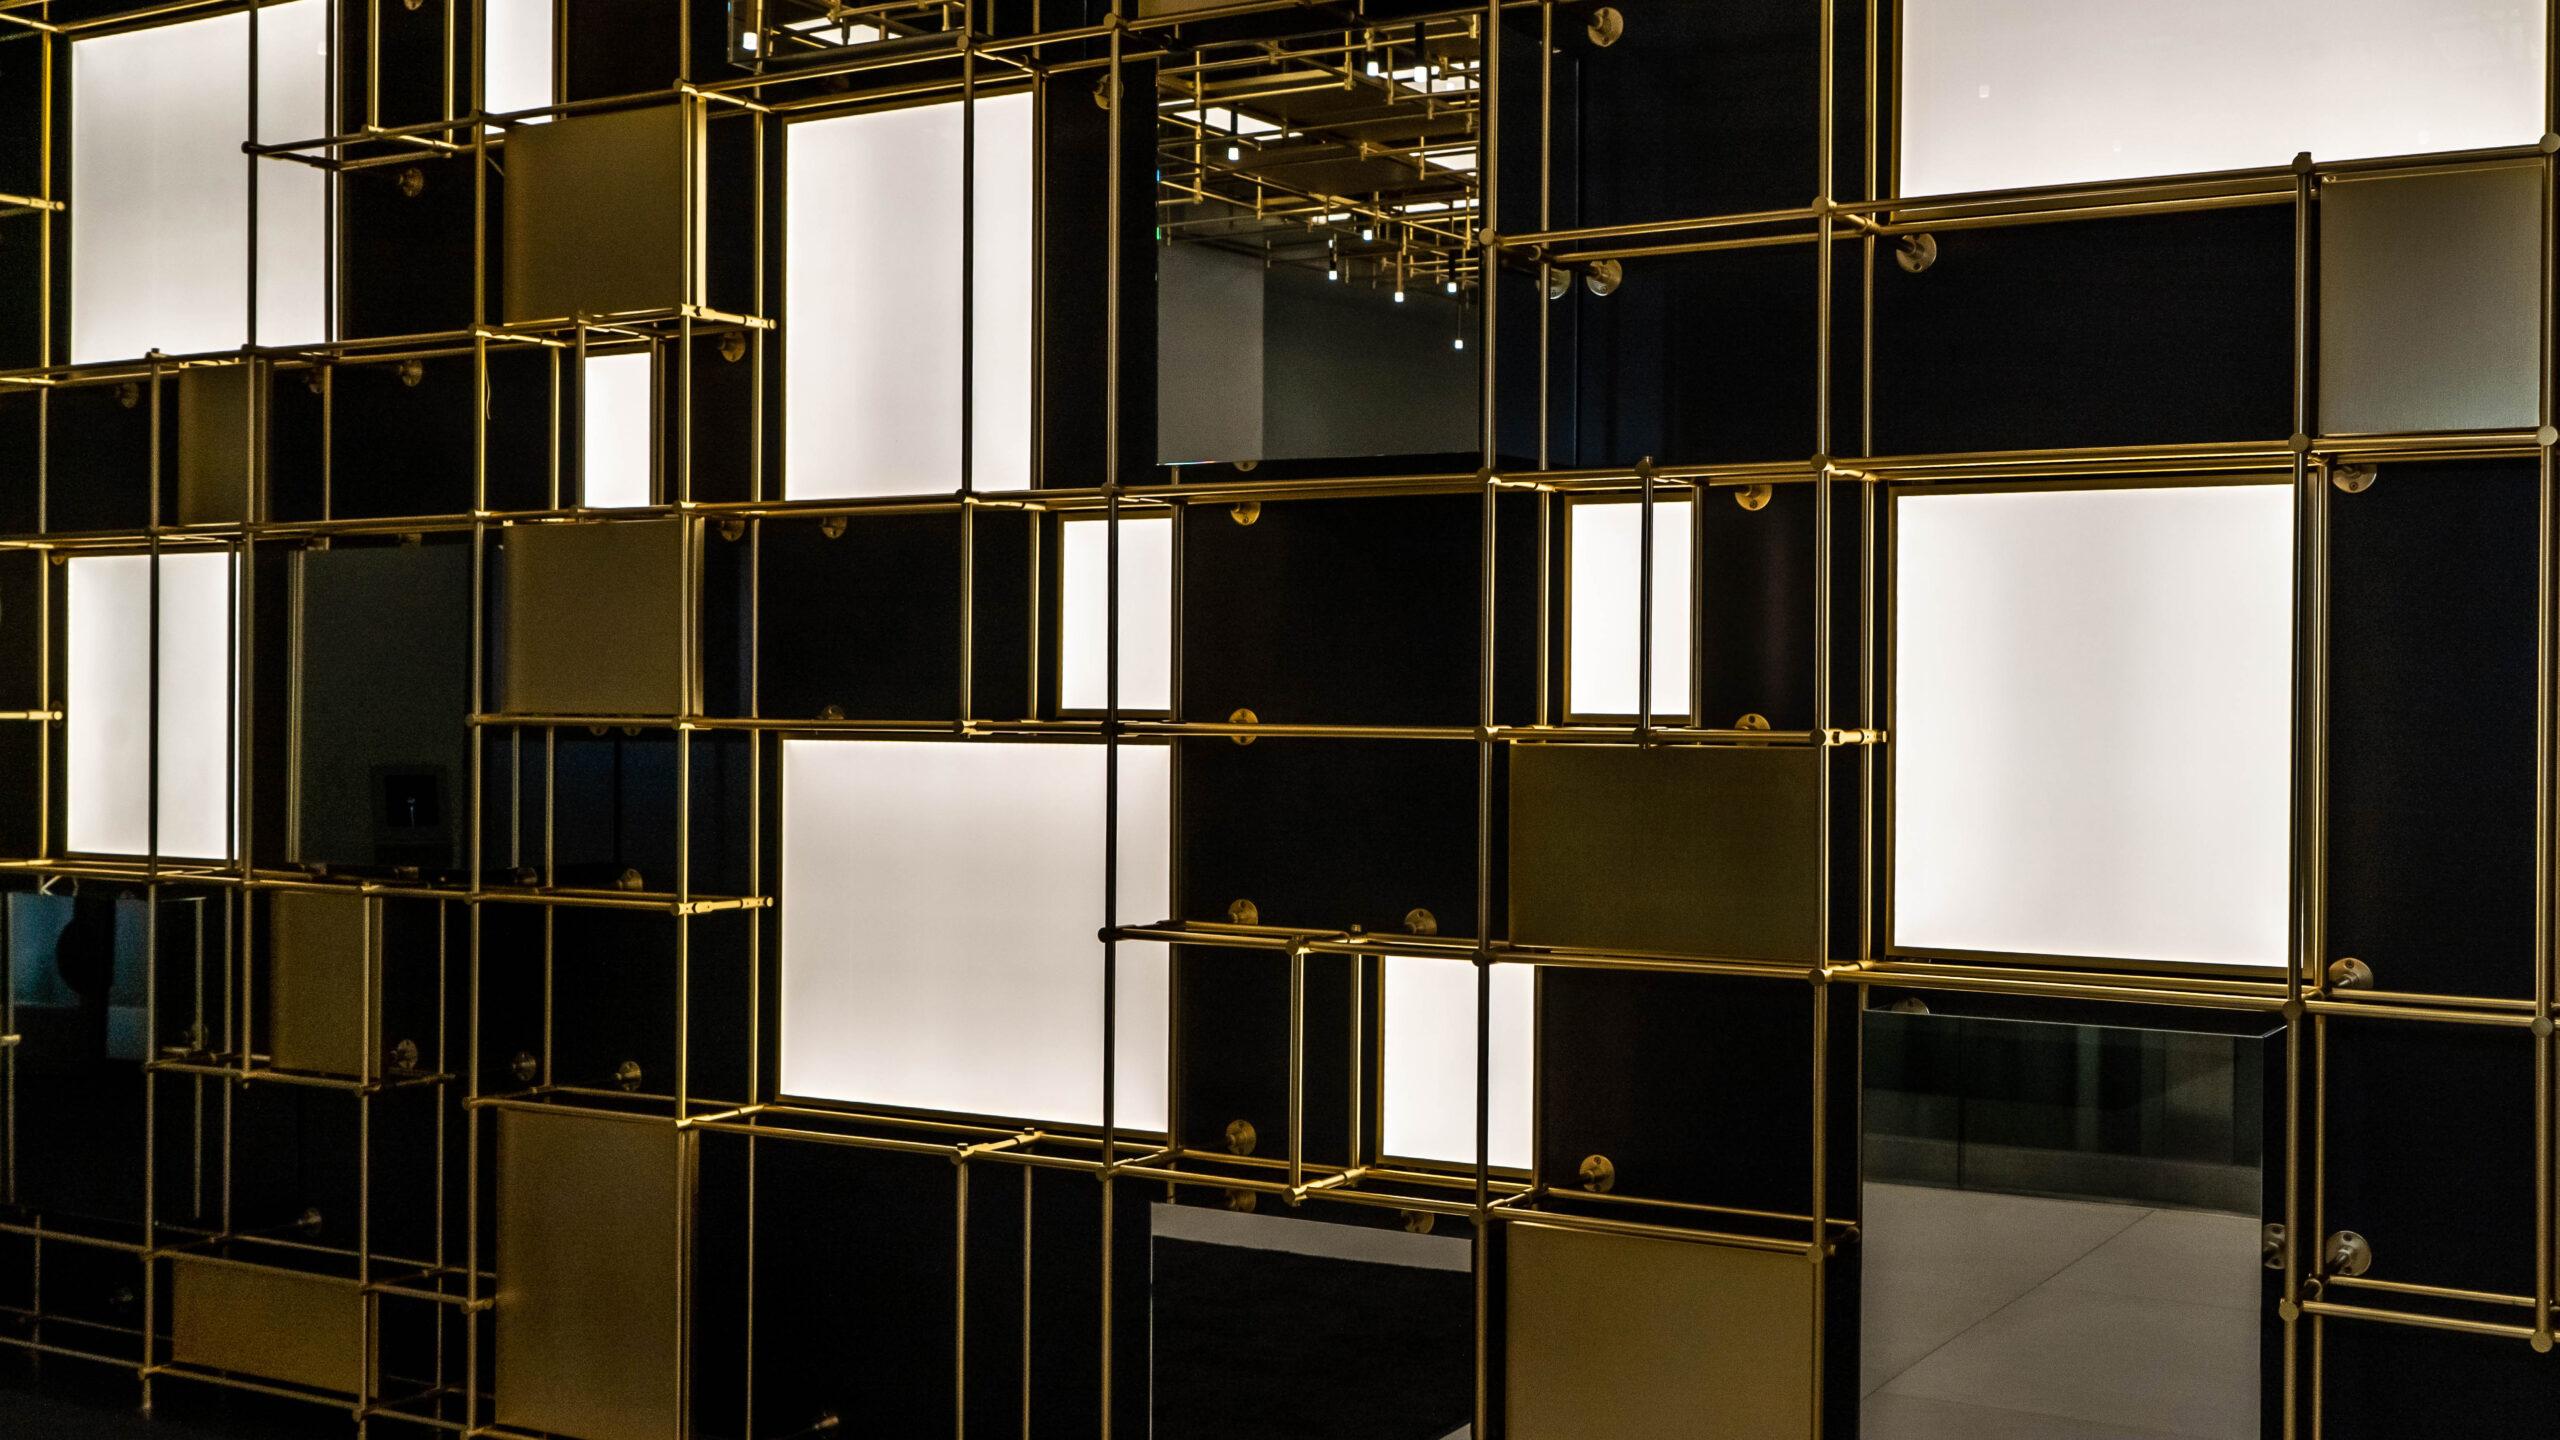 Mirrored shelves